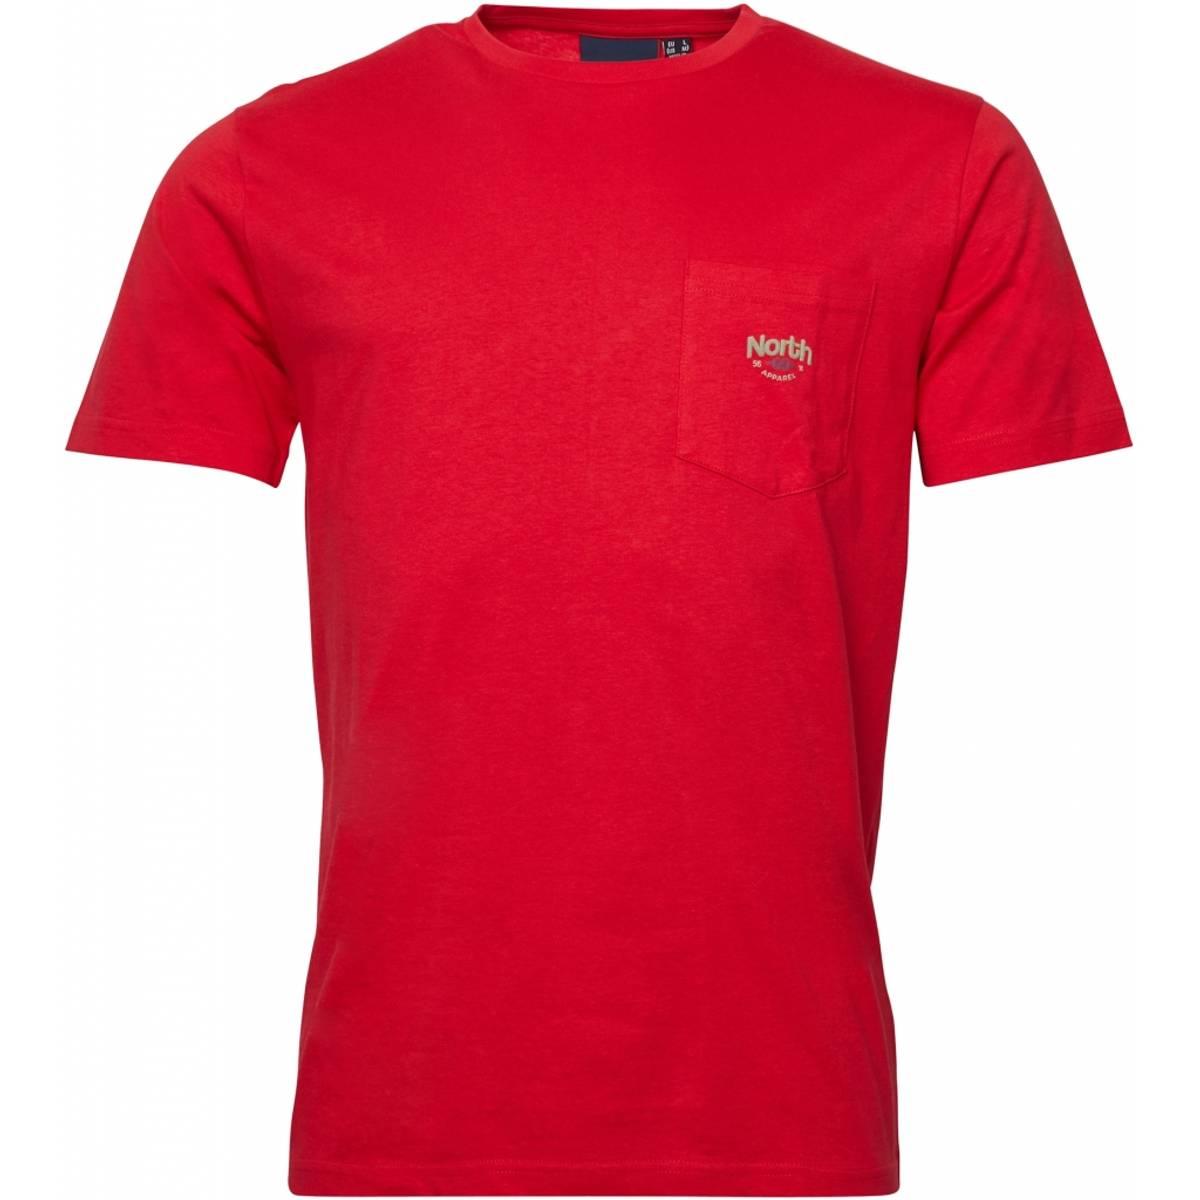 North 56°4 printed T-shirt - Rød